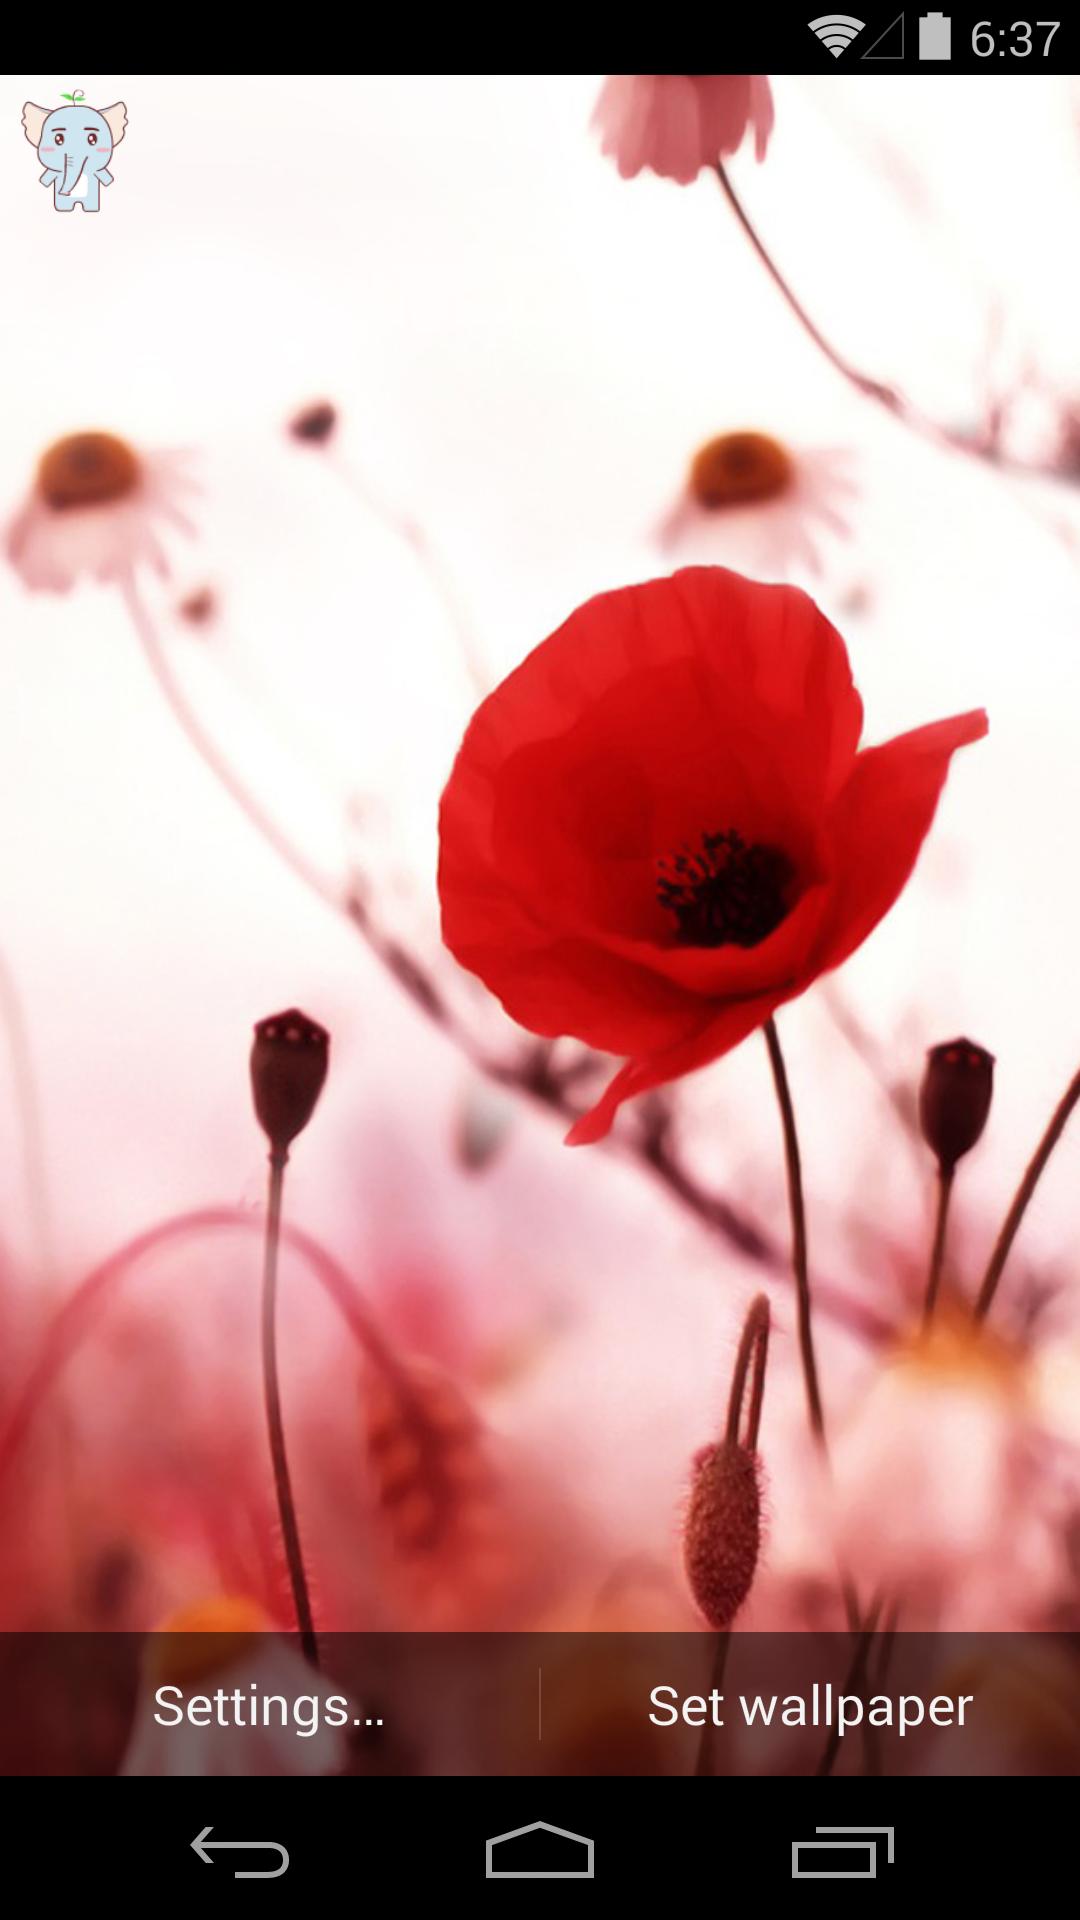 桔梗花的誓言-梦象动态壁纸